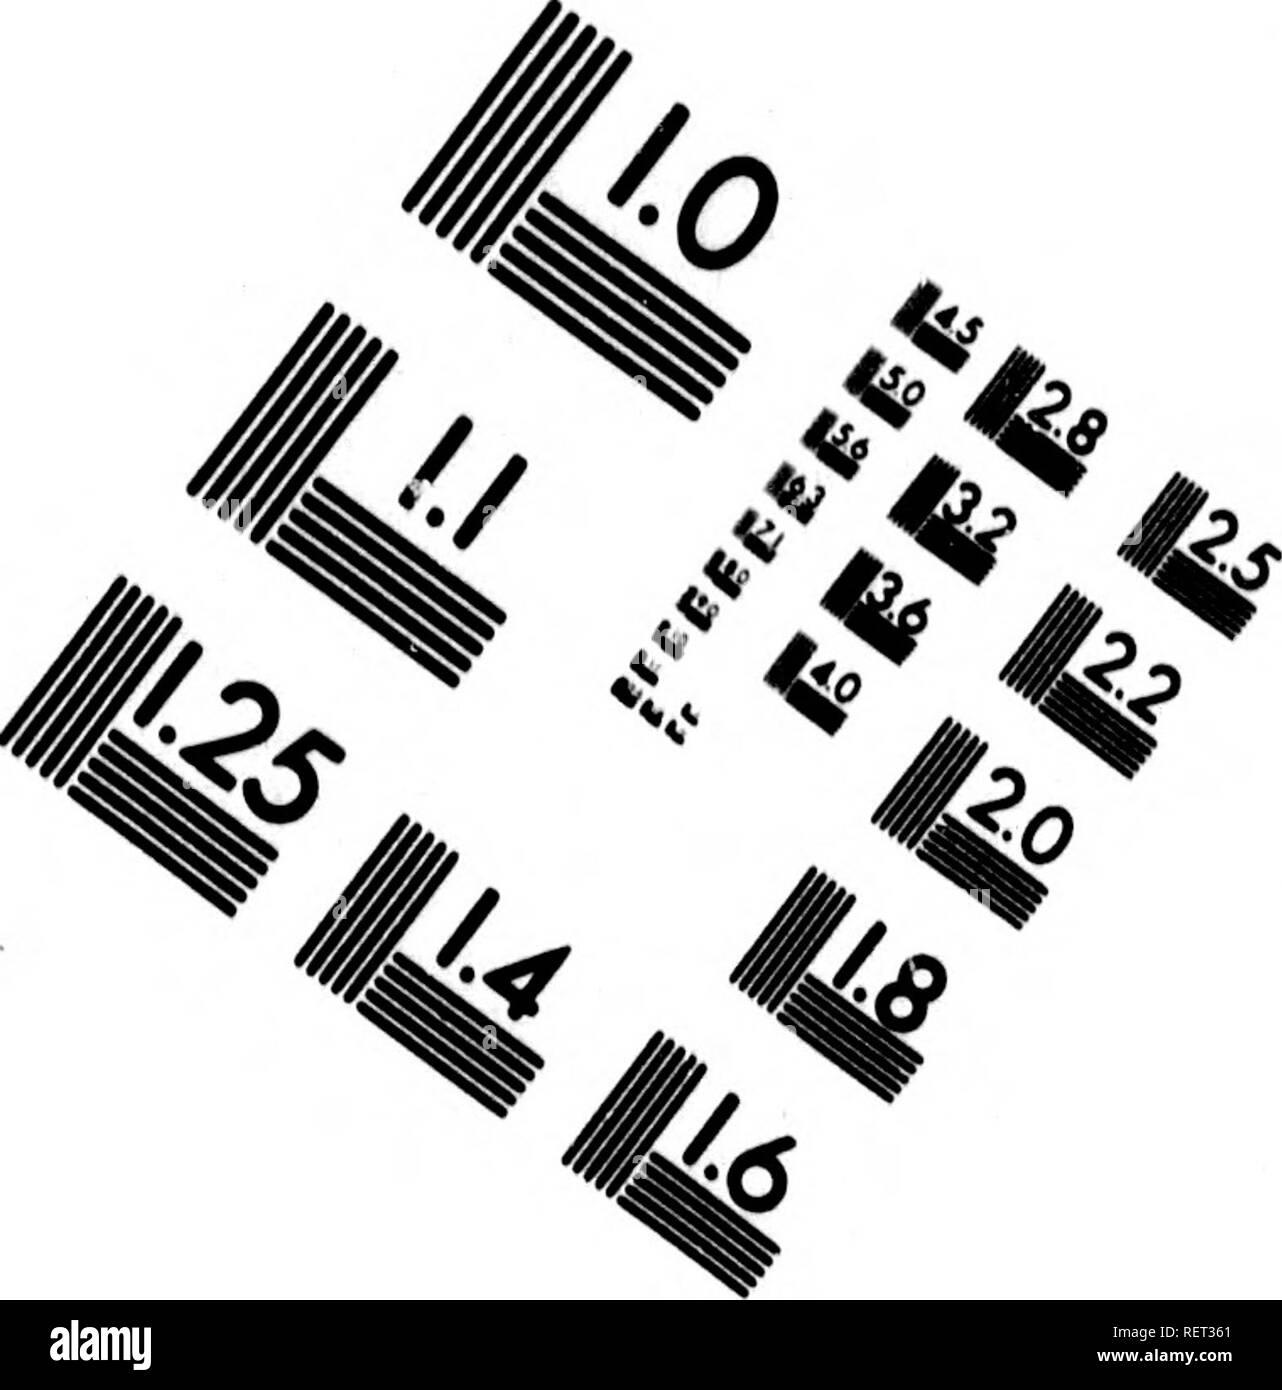 . Histoire naturelle, générale et particulière [microforme] : servant de suite à la théorie de la terre, & d'introduction à l'histoire des miné raux. Sciences naturelles; Natural history. IMAGE EVALUATION TEST TARGET (MT-3). 1.0 l.l Uâ 12.5 ui m i us. 2.2 2.0 W25 mu i 4^ ^ ^ 7. Please note that these images are extracted from scanned page images that may have been digitally enhanced for readability - coloration and appearance of these illustrations may not perfectly resemble the original work.. Buffon, Georges Louis Leclerc, comte de, 1707-1788. A Paris : De l'Imprimerie royale - Stock Image